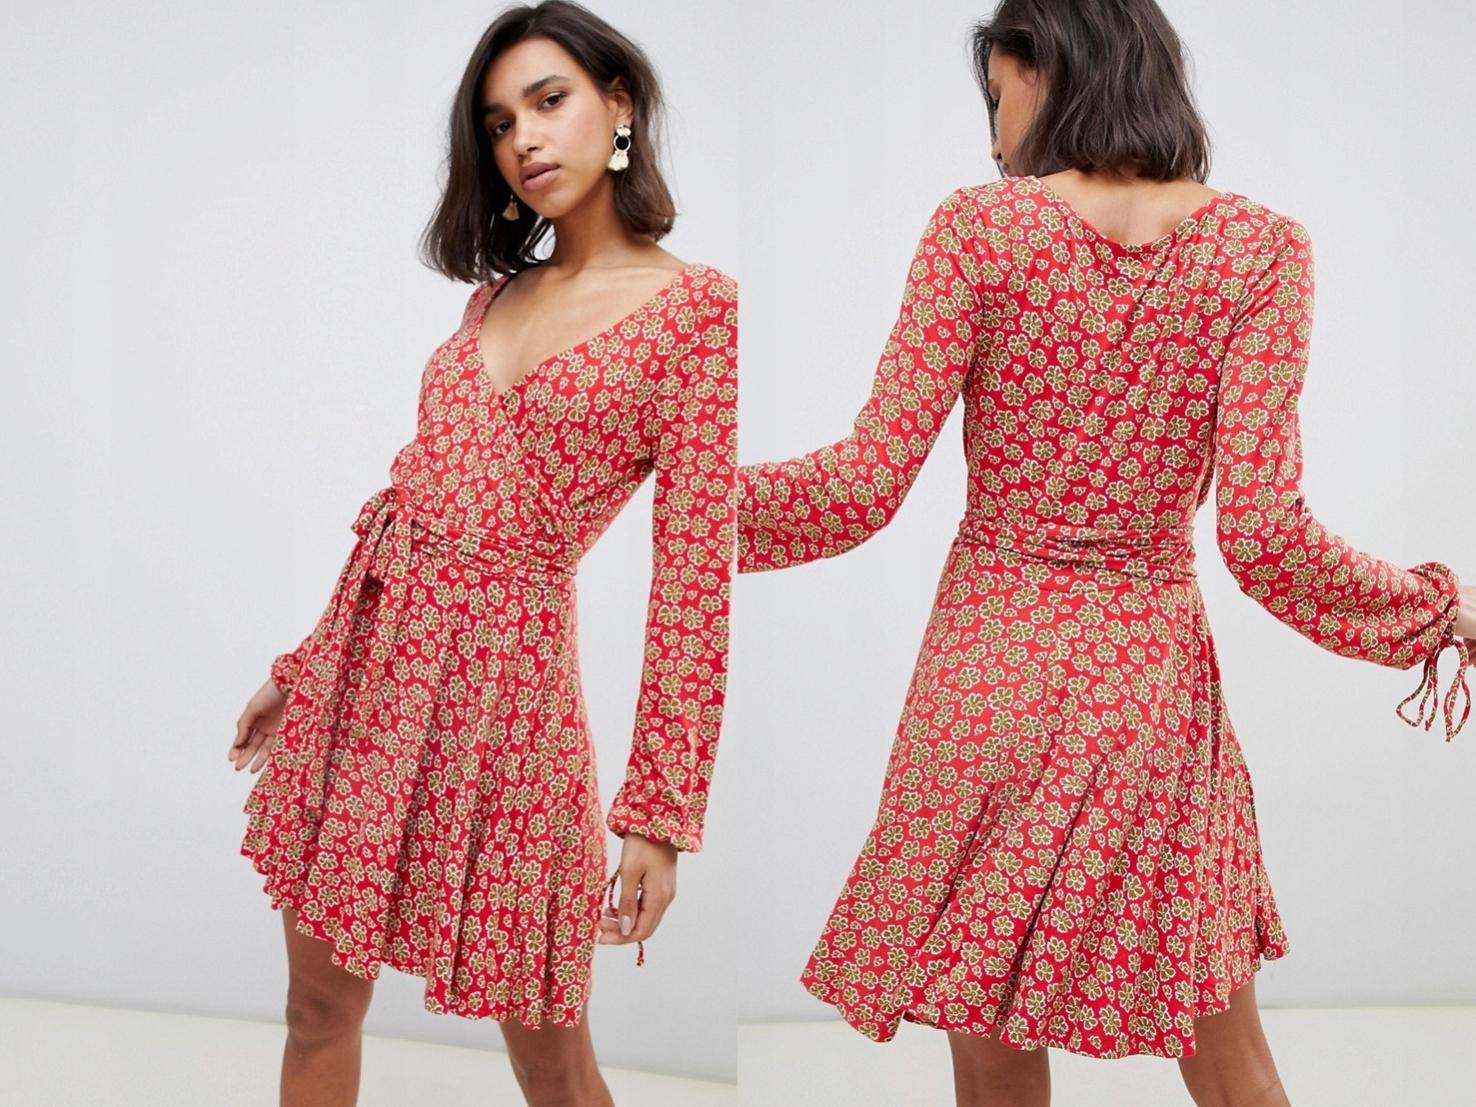 3b88dffe24 Free People czerwona mini sukienka kwiaty XS 34 - 7696548297 ...